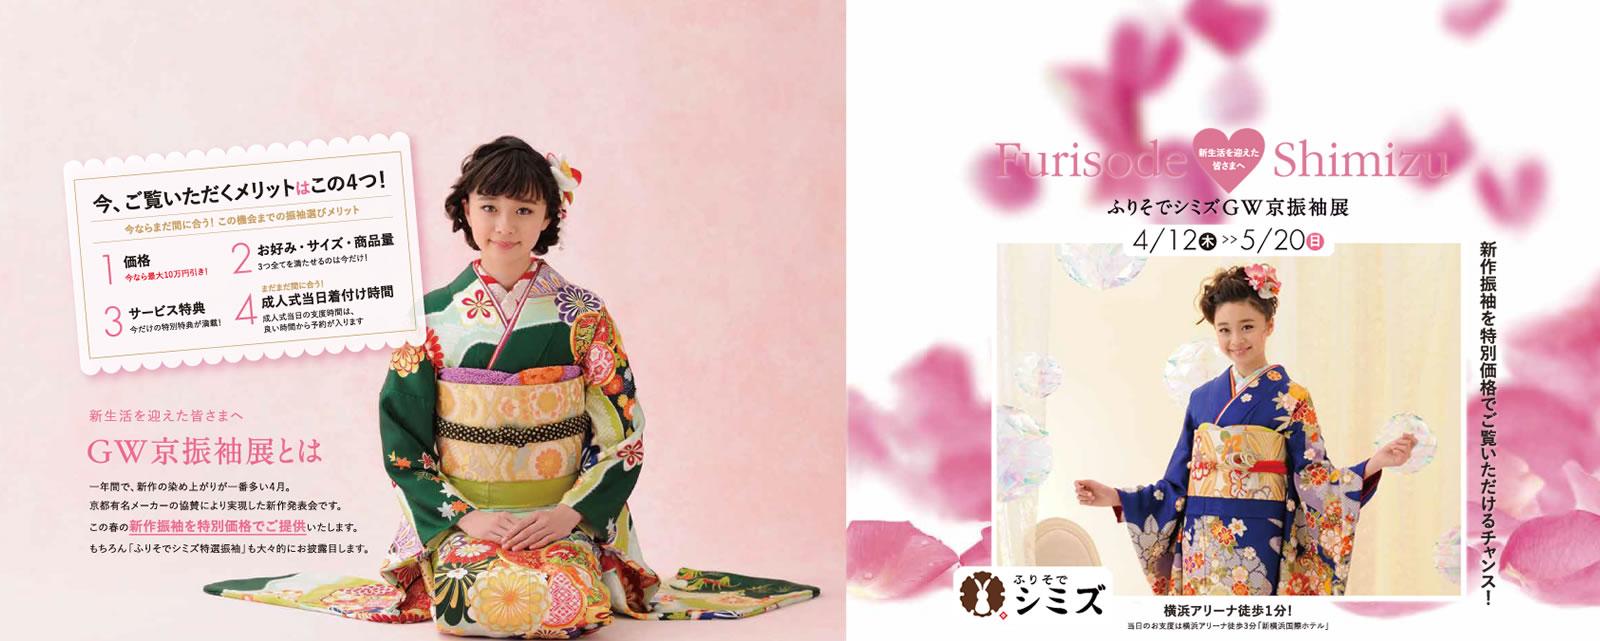 ふりそでシミズGW京振袖展 4/12(木)~5/20(日)